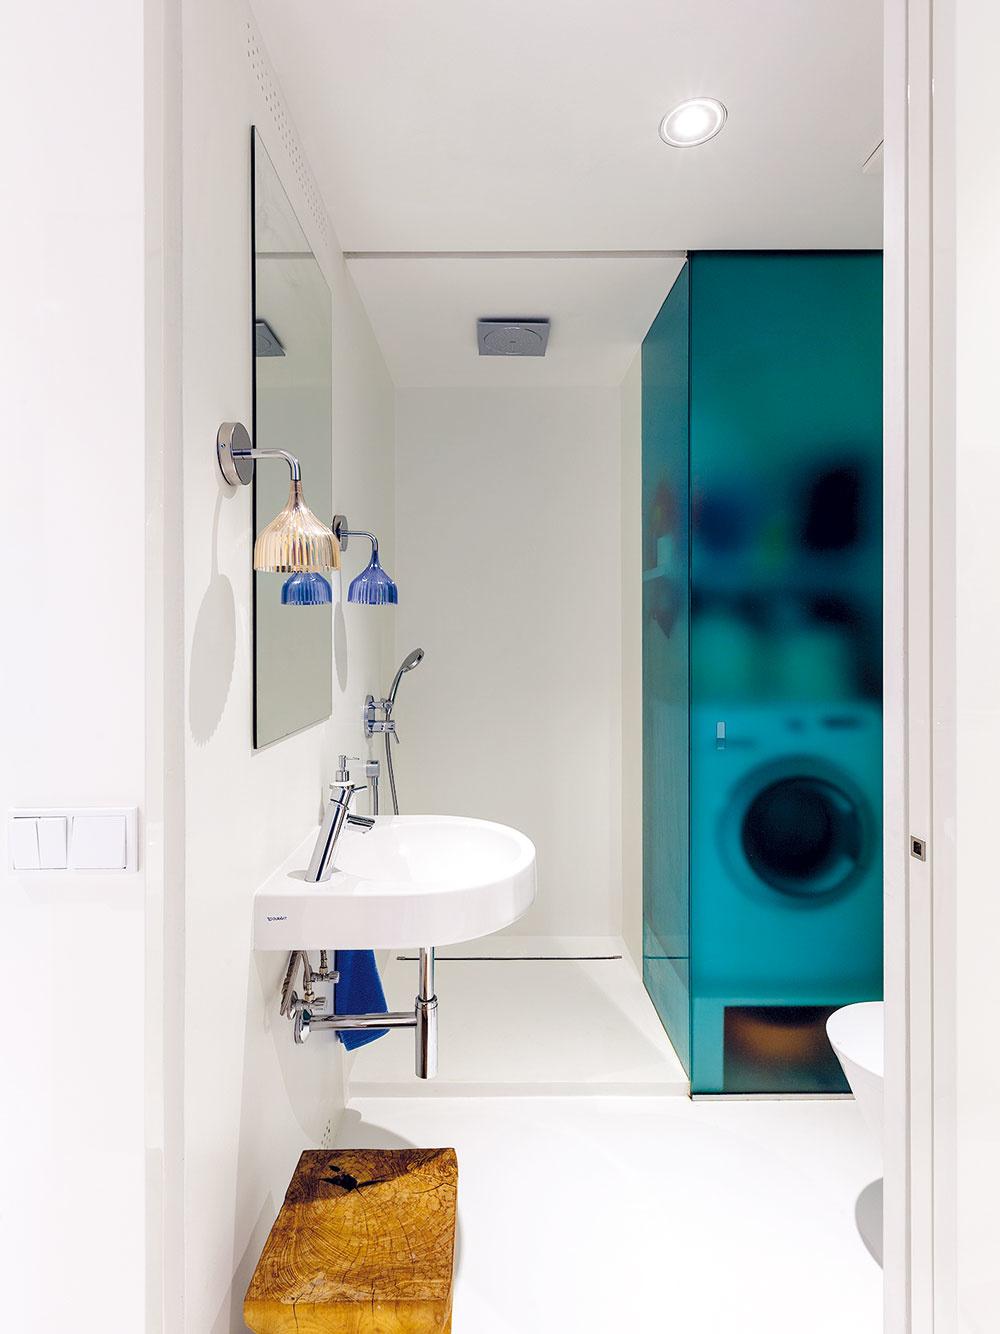 Čím menšia kúpeľňa, tým väčšmi by mala byť striedma. Umývadlo bez spodných skriniek vytvorí vizuálne vzdušnejší dojem, ateda akosi podvedome budete mať pocit, že isvetla je viac. Odkladacie priestory, oktoré ste takto prišli pod umývadlom, vám vynahradí zrkadlová alebo obyčajná nástenná skrinka.